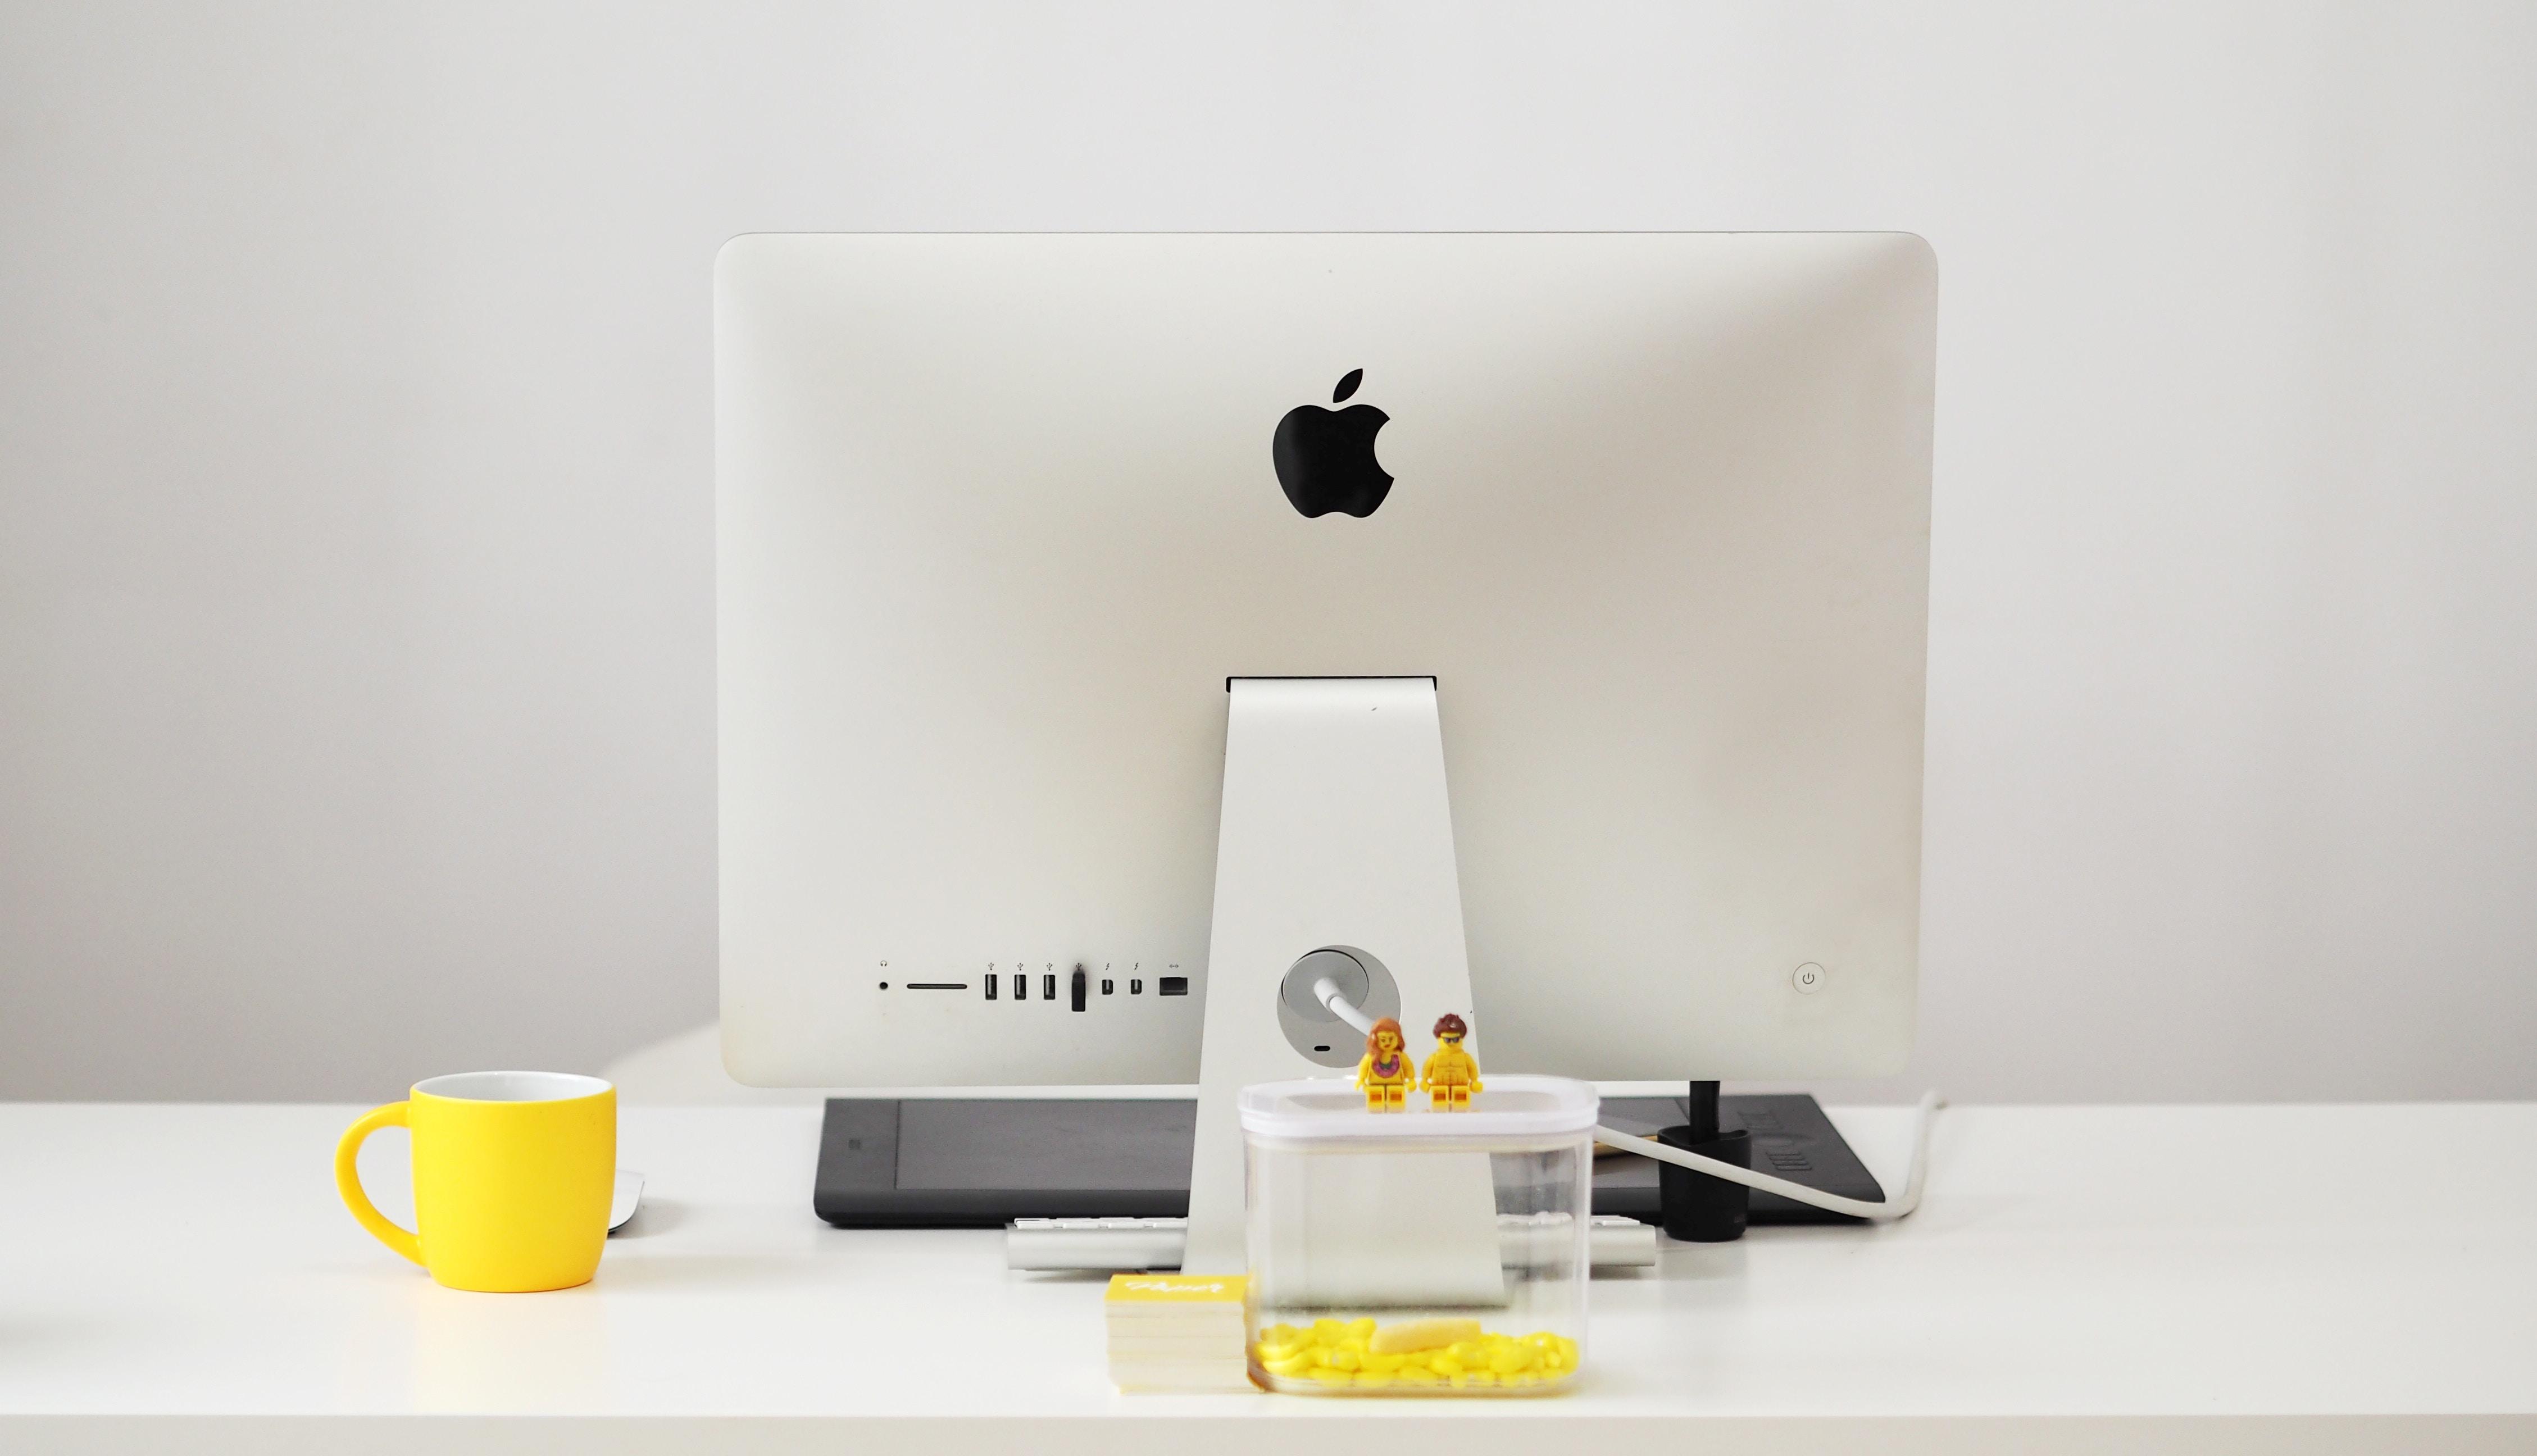 Descubre algunas metodologías ágiles para mejorar tu marca o negocio